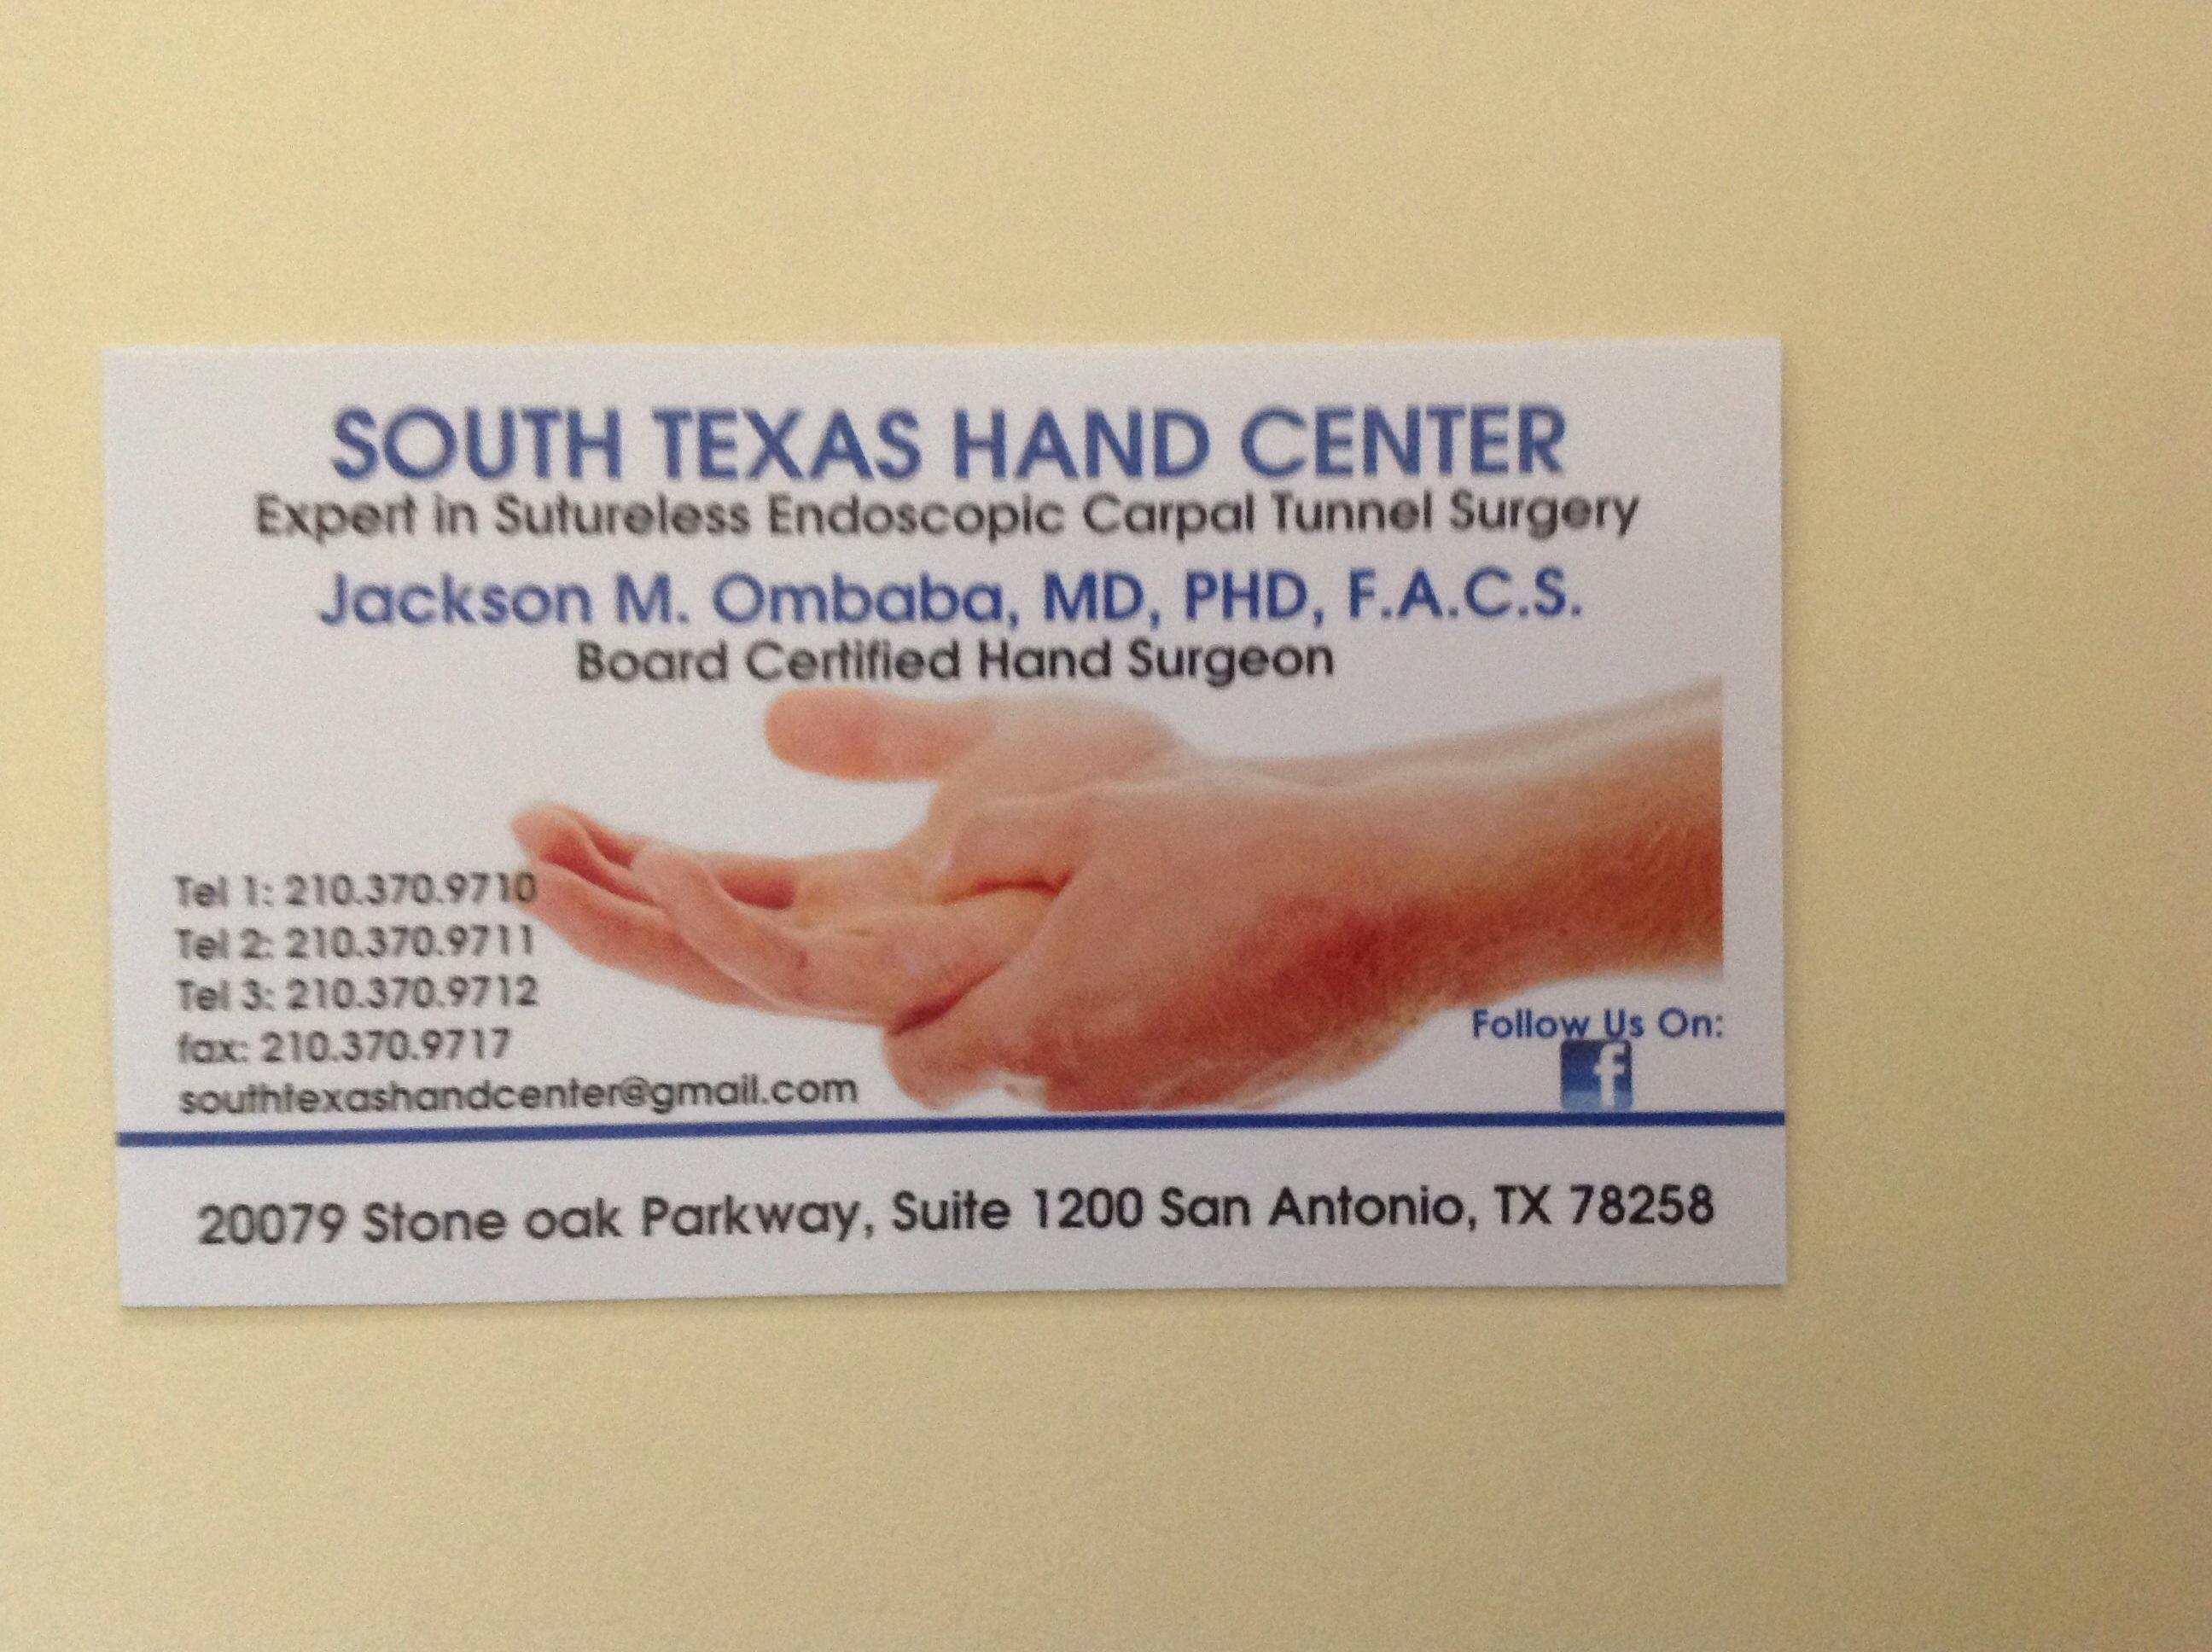 South Texas Hand Center